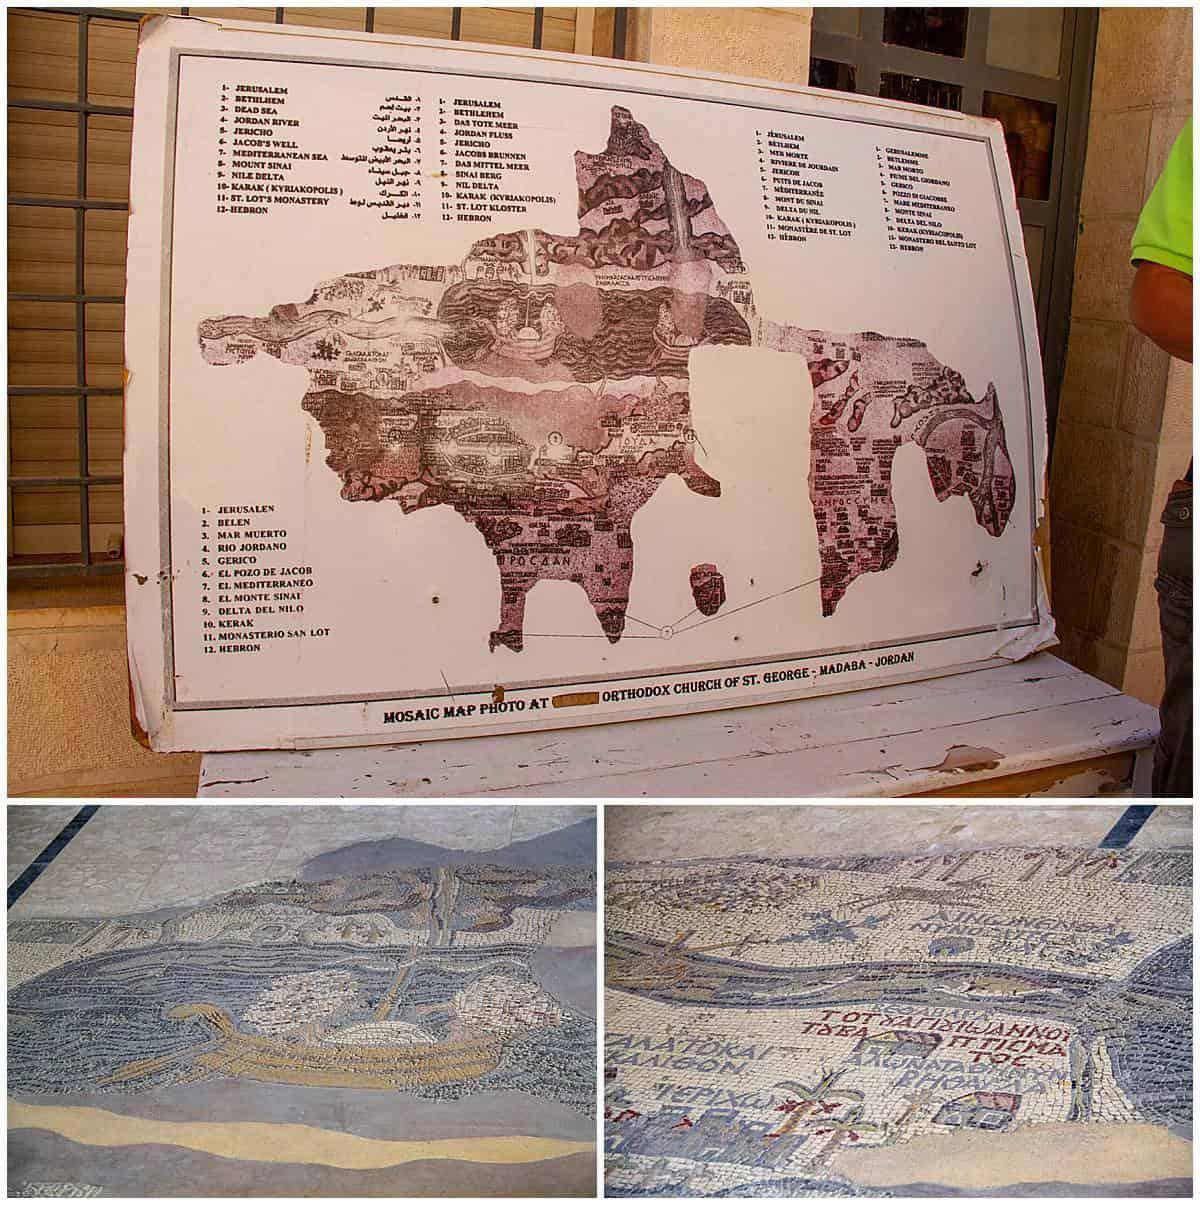 Madaba map of mosaics of the holy land